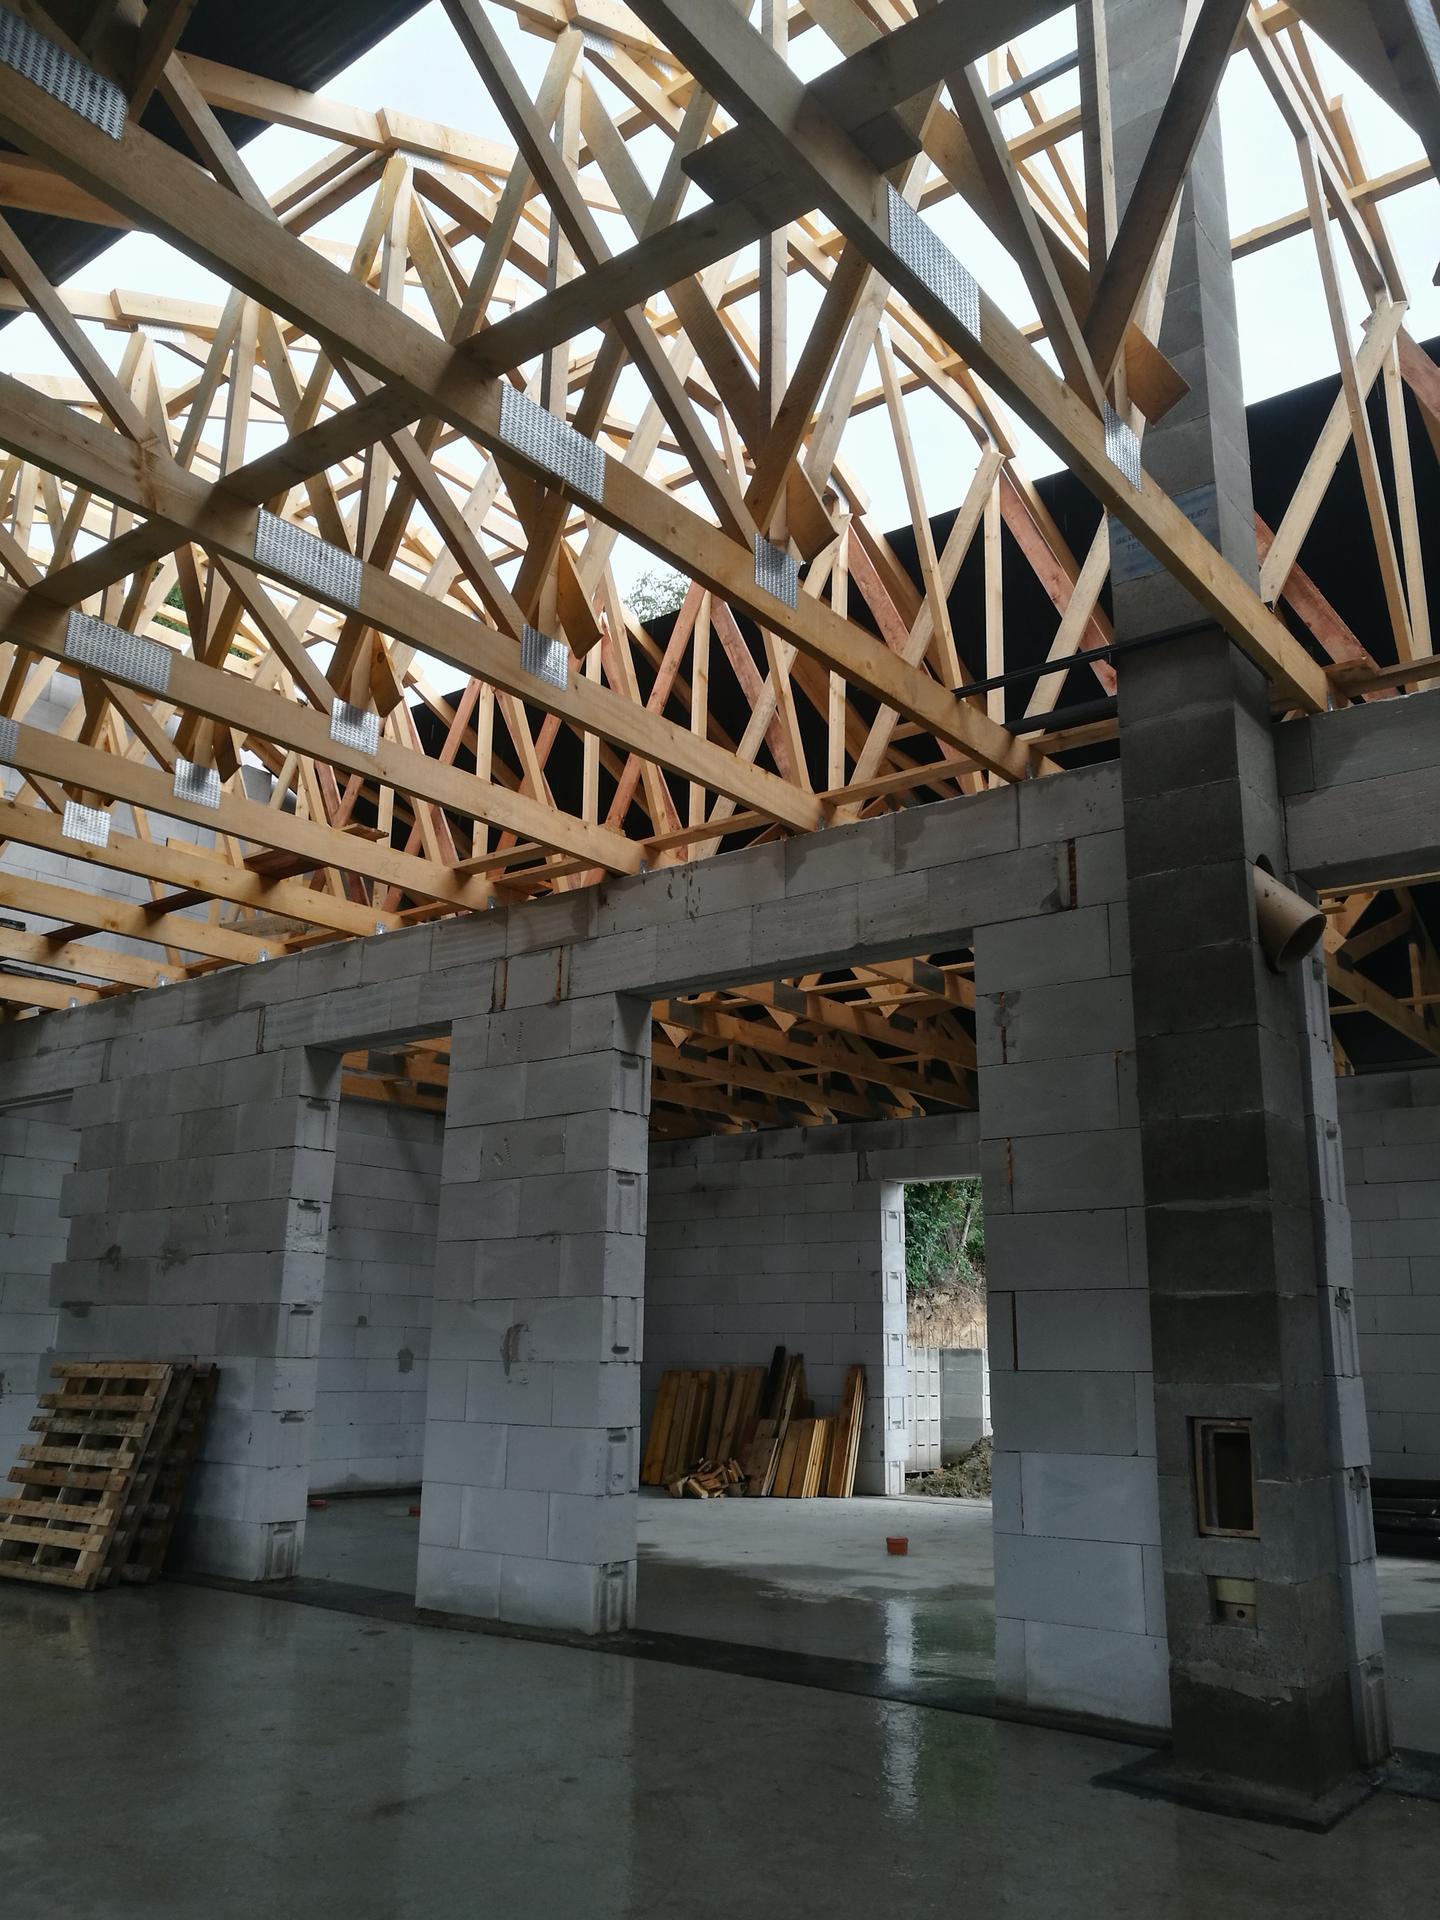 Stavíme domeček - Obrázek č. 8